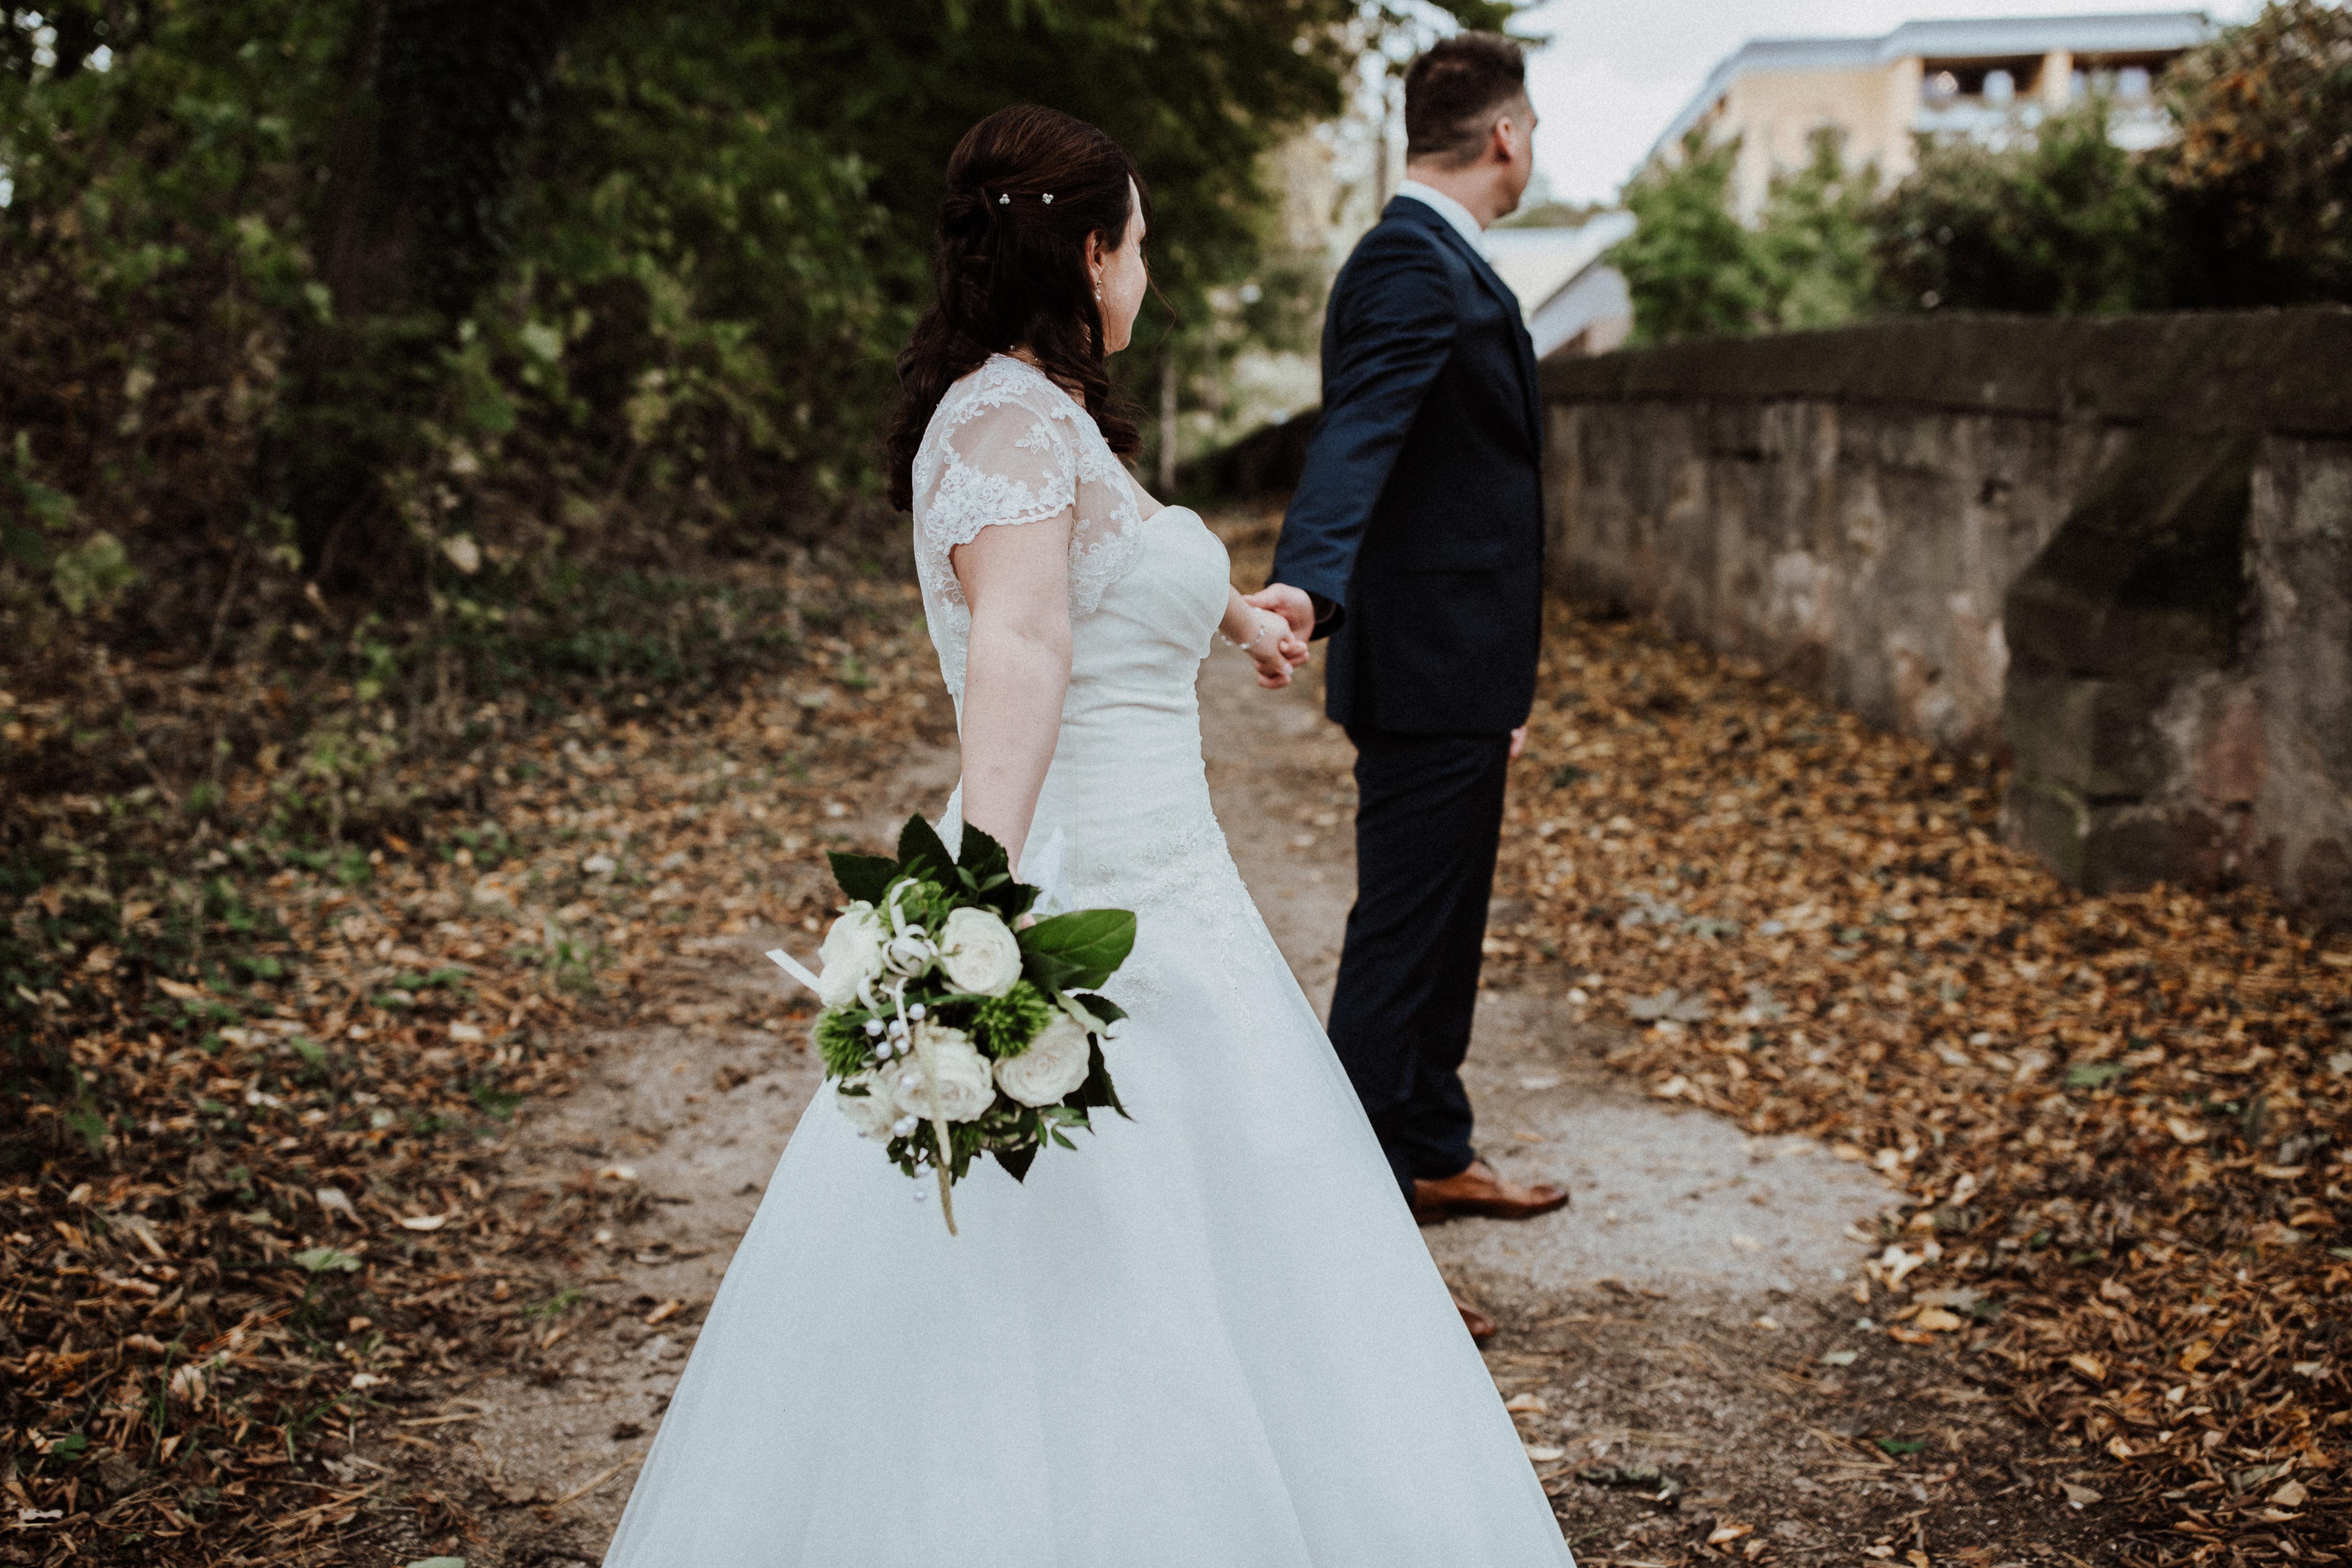 URBANERIE_Daniela_Goth_Hochzeitsfotografin_Nürnberg_Fürth_Erlangen_Schwabach_171007_0785